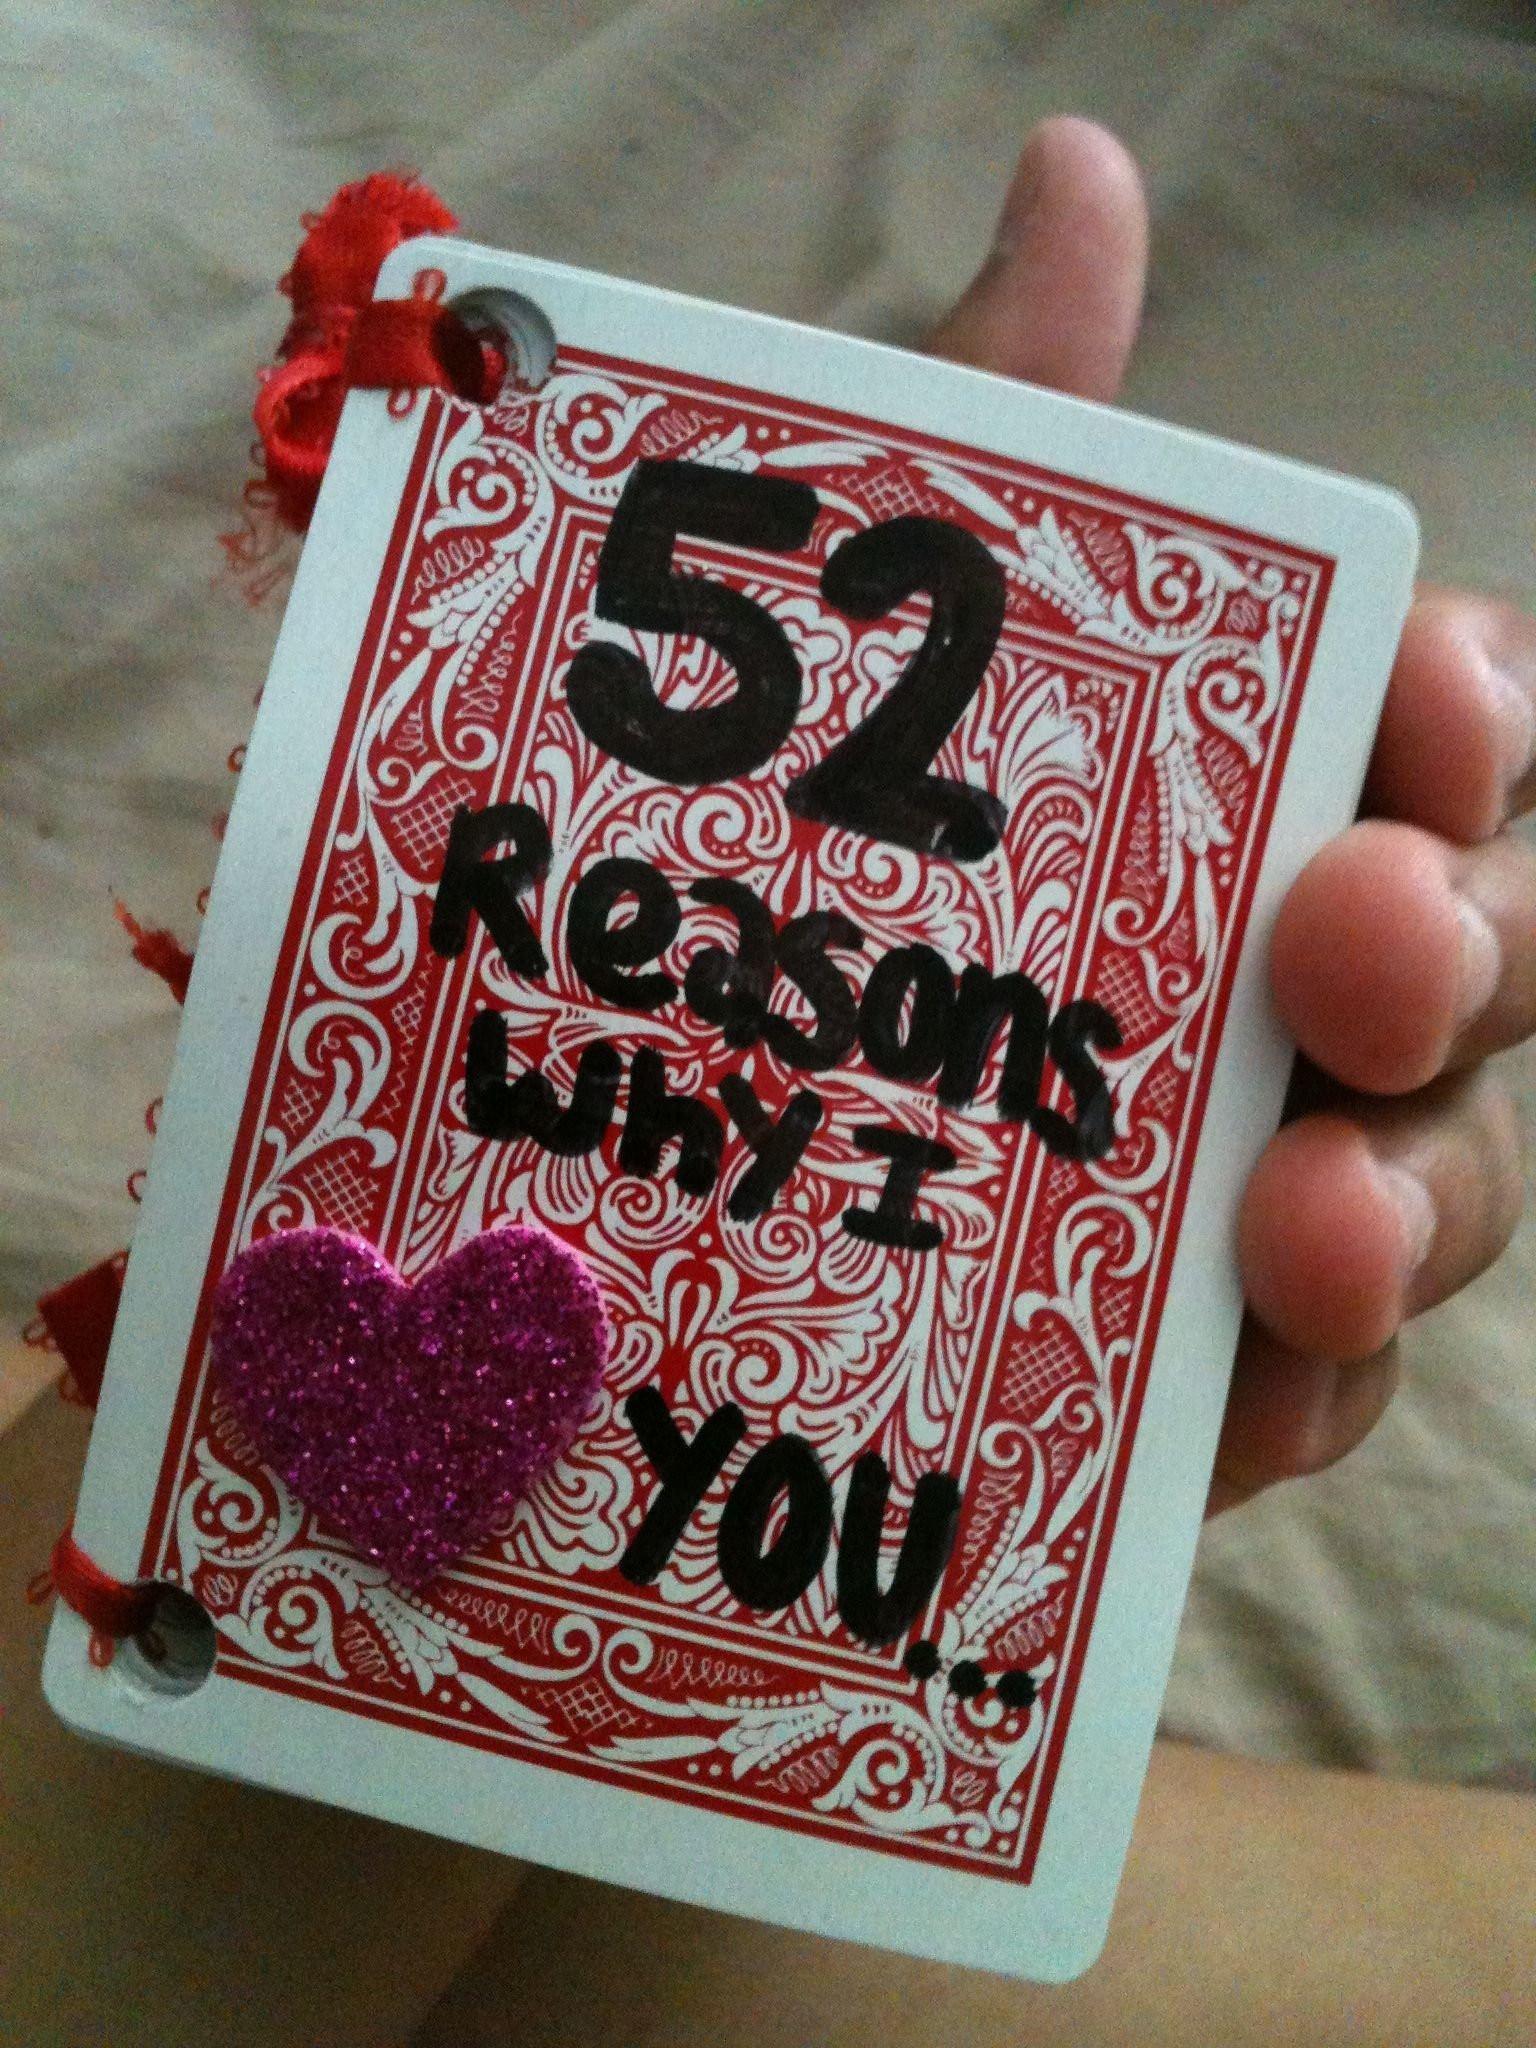 Cute DIY Gifts For Boyfriend  10 Lovable Romantic Birthday Gift Ideas Boyfriend 2020